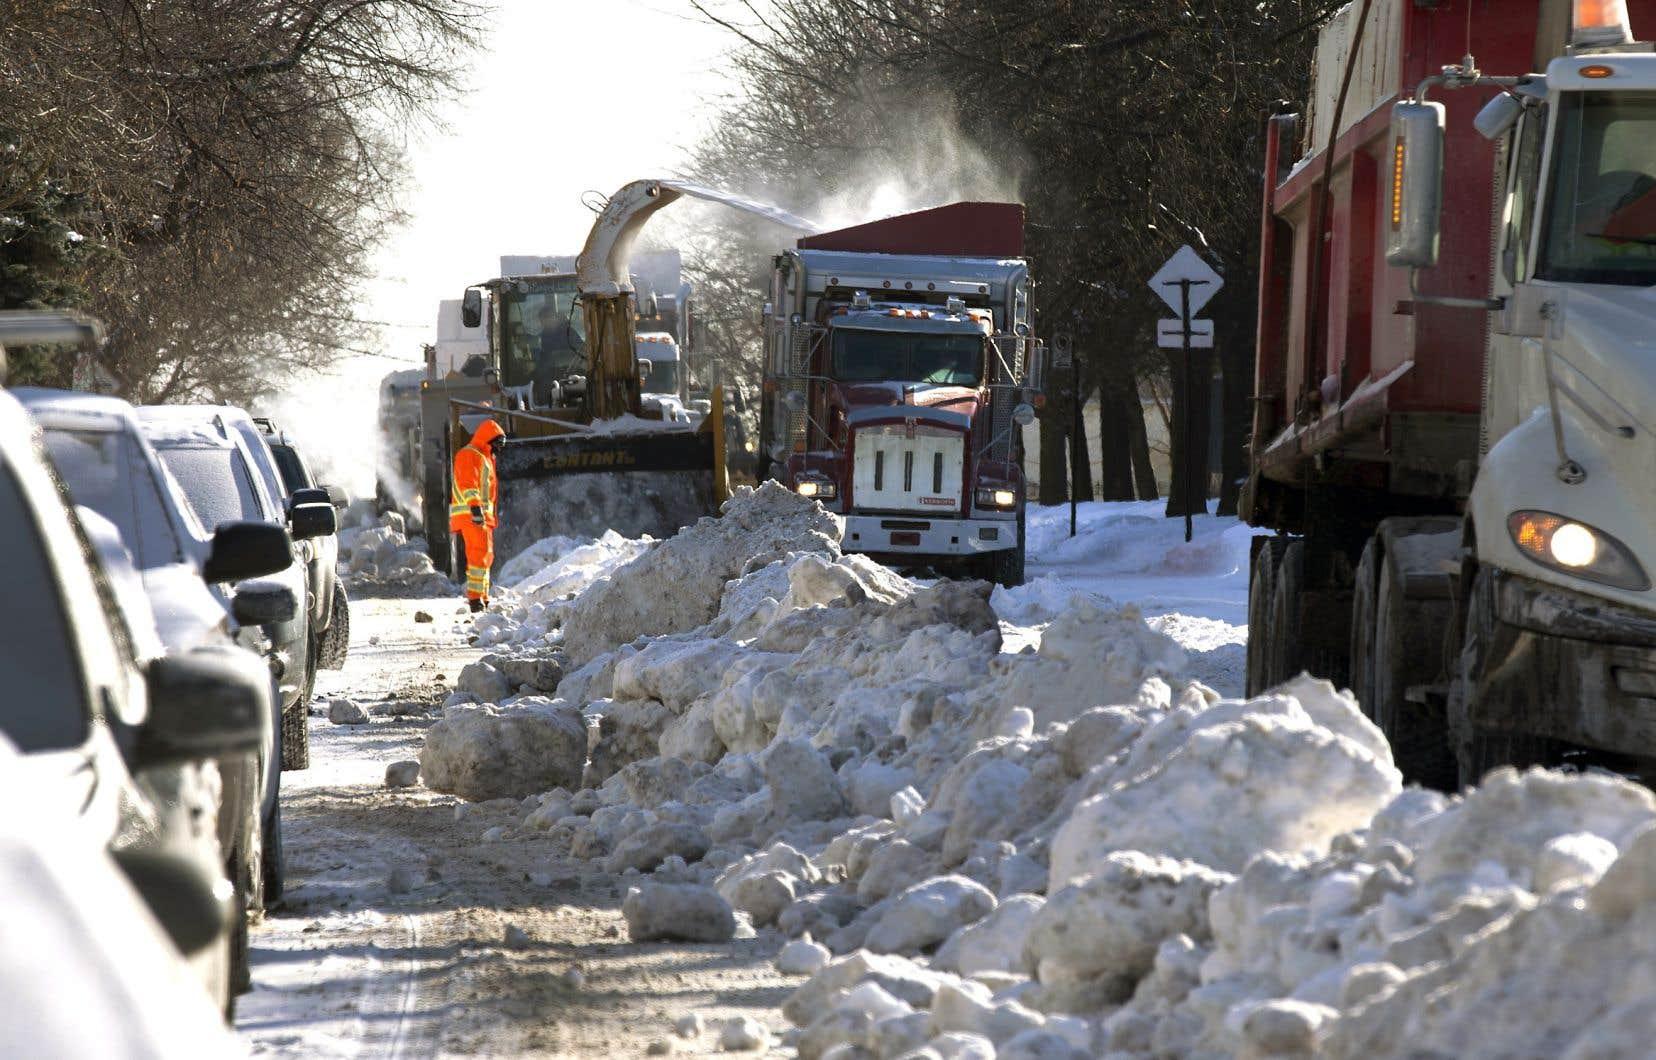 Selon l'enquête de l'inspectrice générale de la Ville de Montréal, des centaines de voyages étaient à moitié pleins.